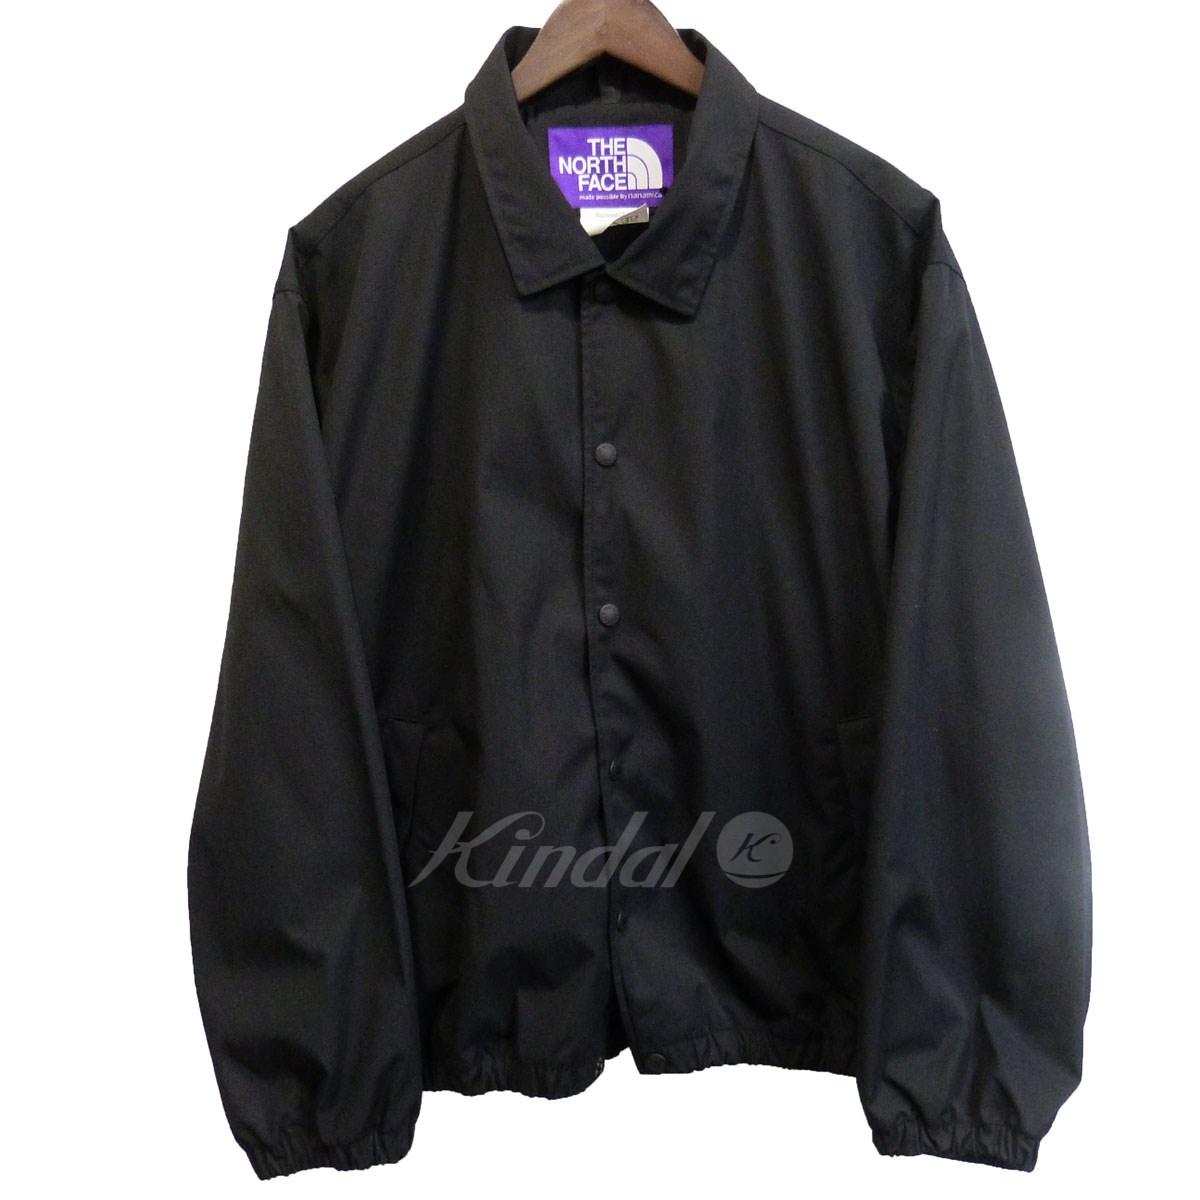 【5月23日 お値段見直しました】【中古】THE NORTH FACE PURPLE LABEL「65/35 Field Jacket」 フィールドジャケット ブラック サイズ:M